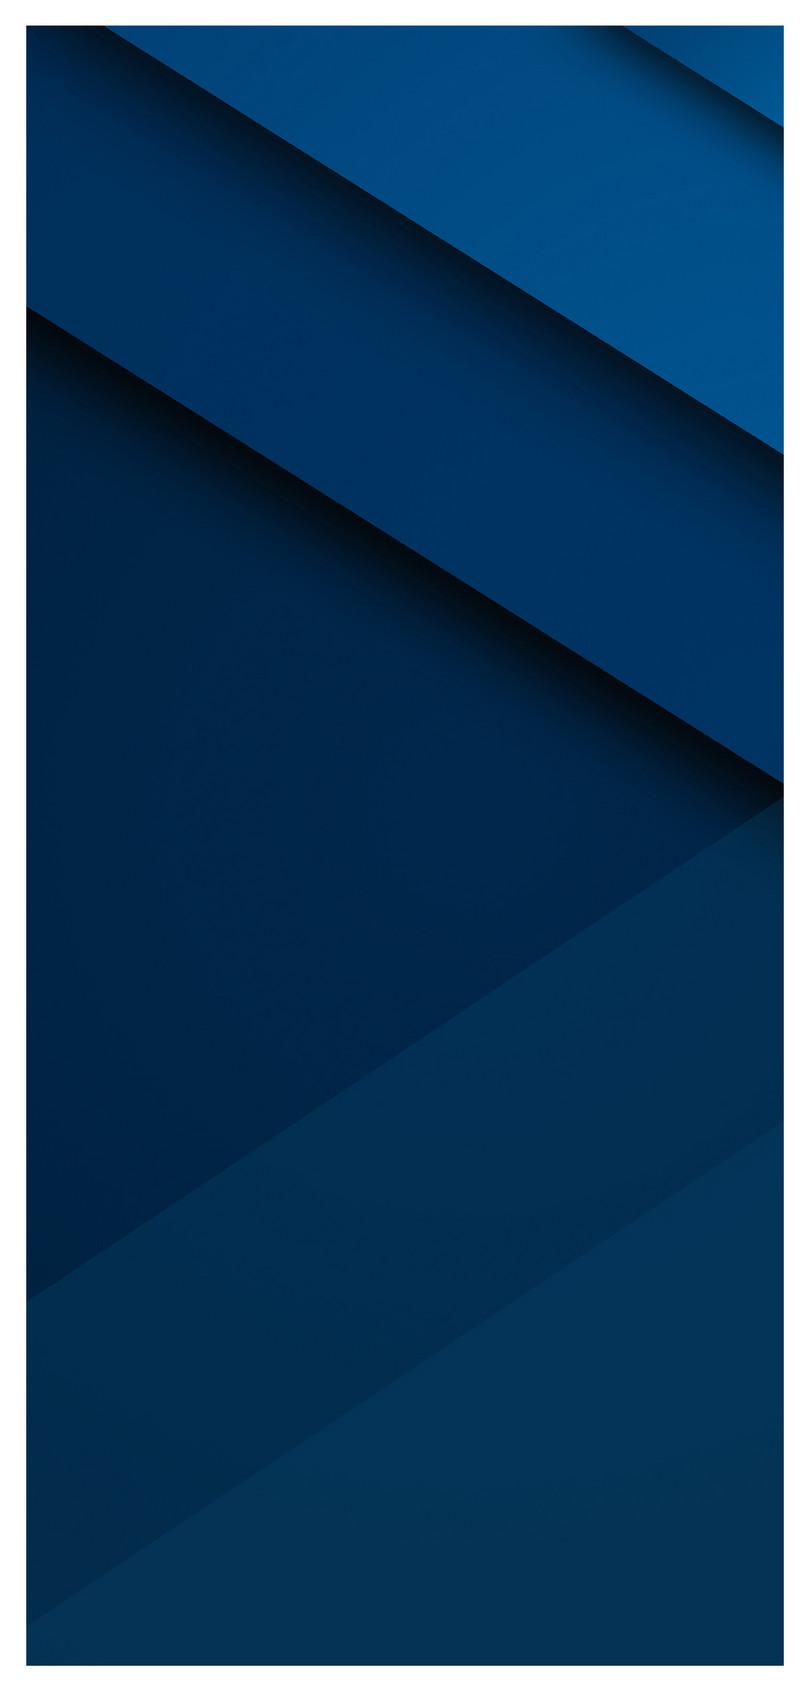 青色の背景色の携帯壁紙イメージ 背景 Id 400389430 Prf画像